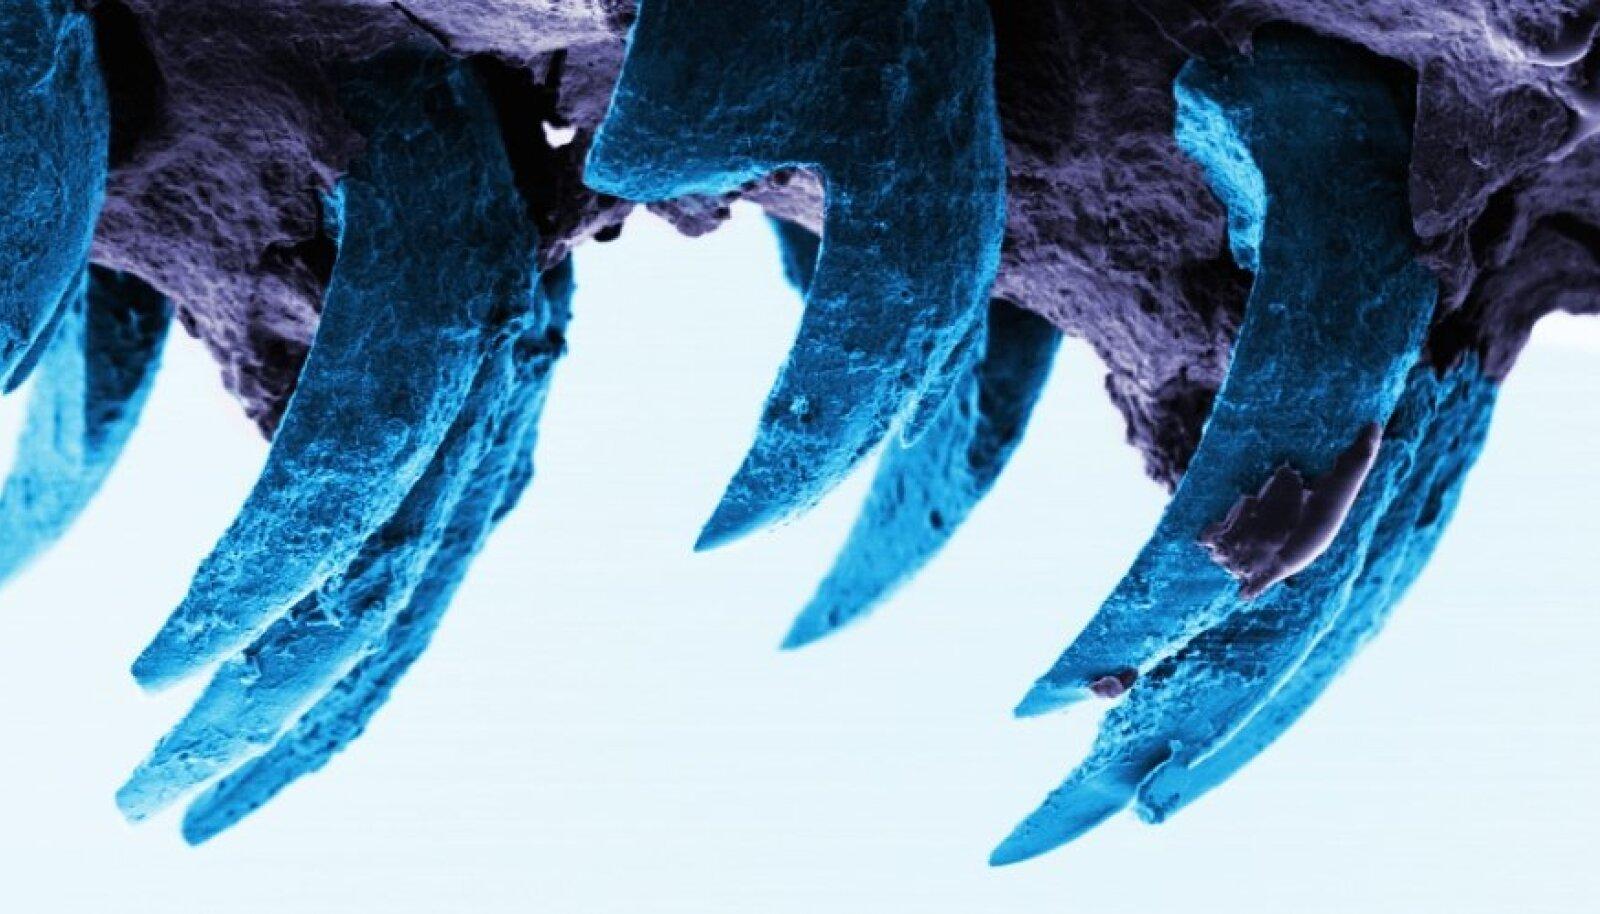 Meriteo hambad skaneeriva elektronmikroskoobi all. (Foto: Portsmouthi ülikool)